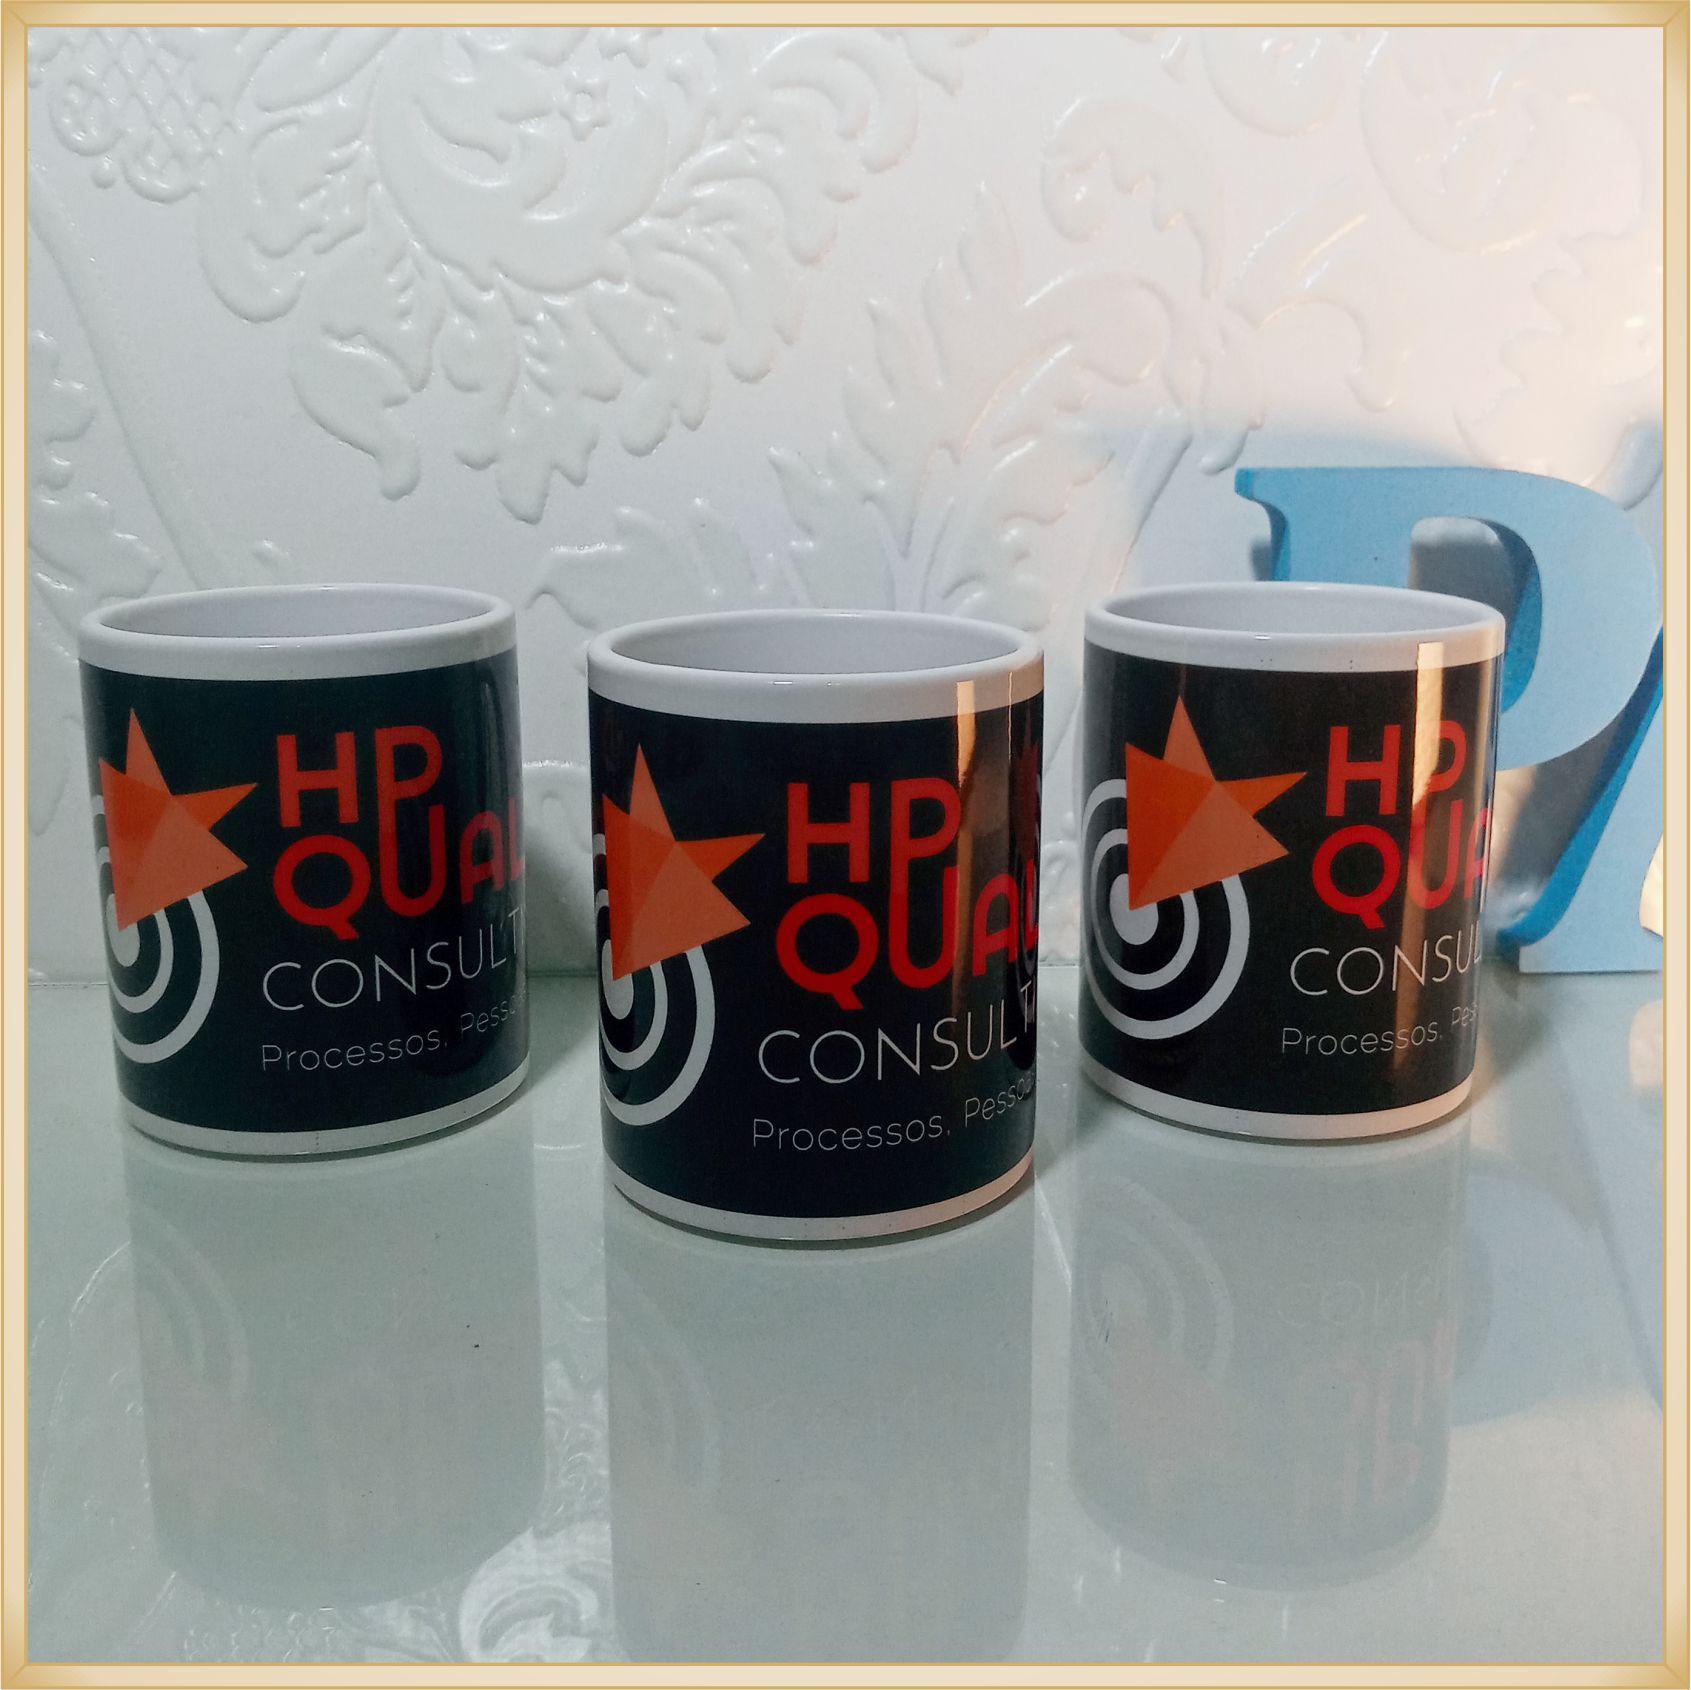 Canecas de porcelana personalizadas - estampa de alta qualidade, cores vivas, acabamento perfeito, alças confortáveis, 325 ml. - kit com 15 unidades